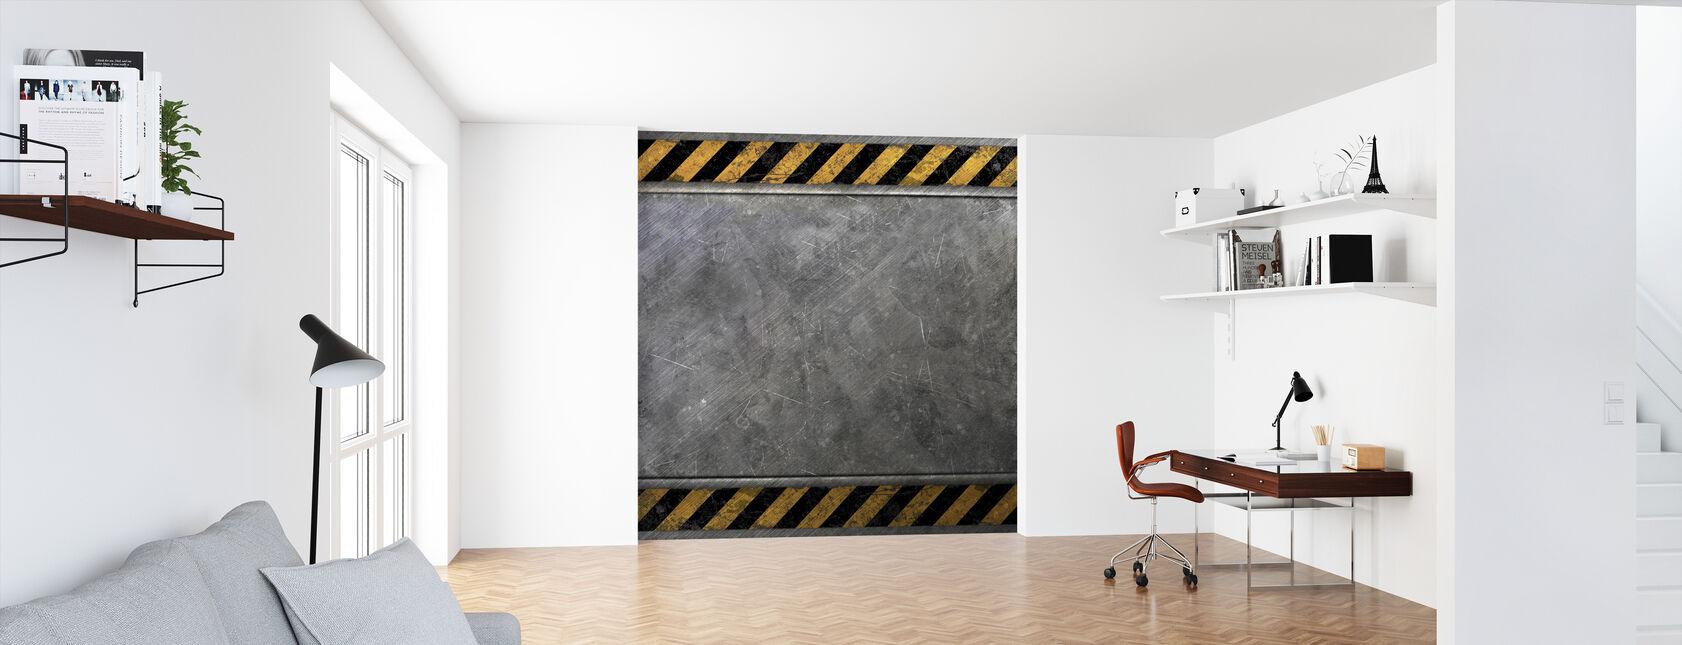 Steel Plate - Wallpaper - Office